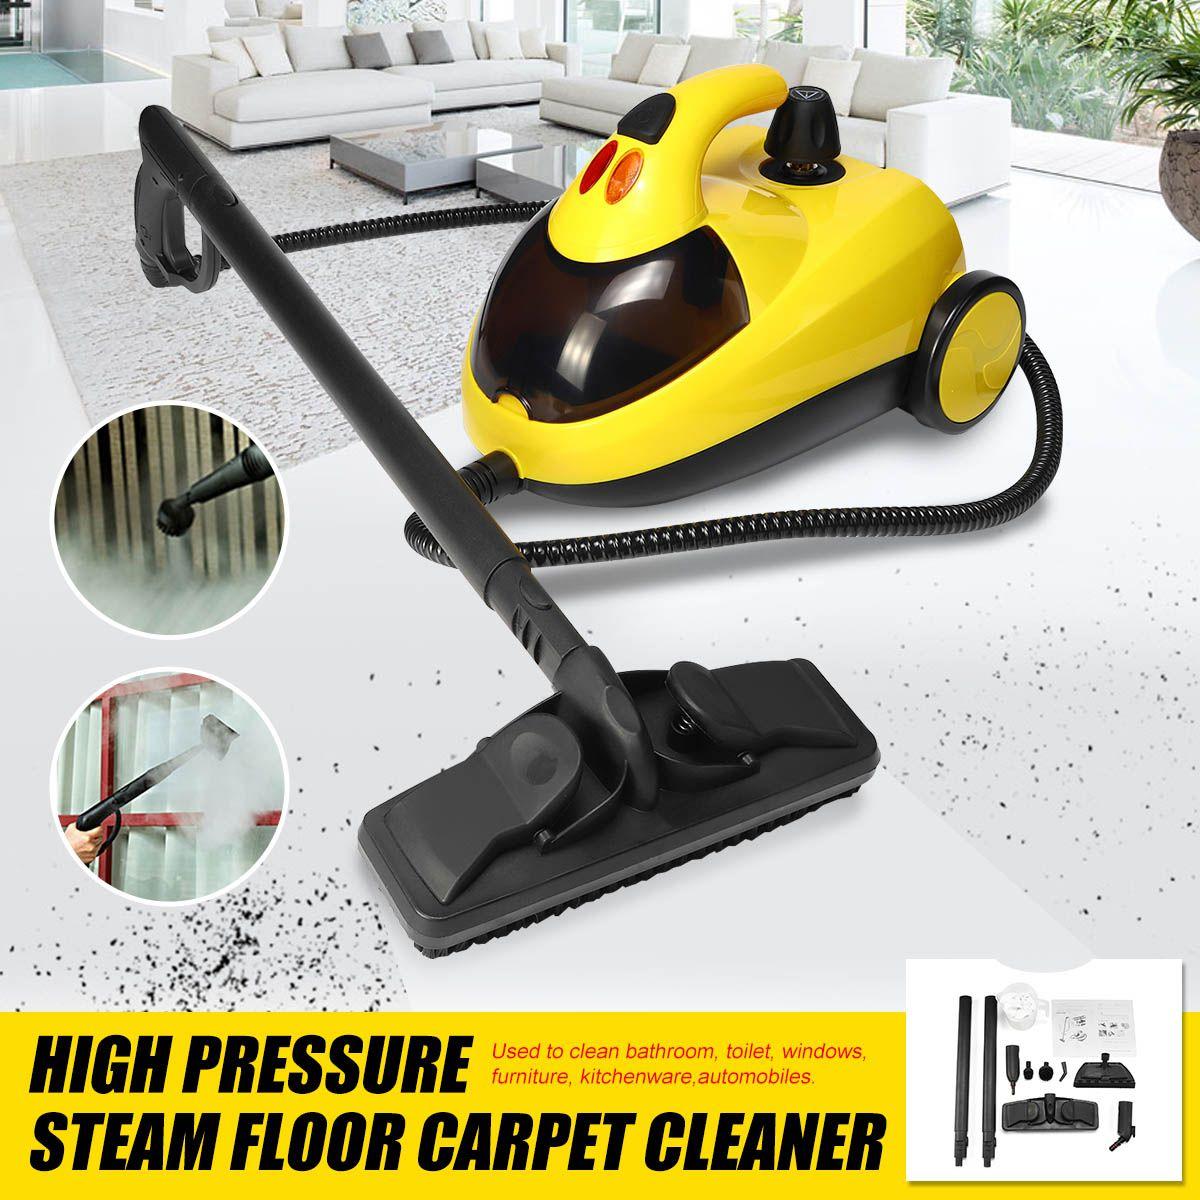 Hochdruck Dampf Boden Teppich Reiniger Waschmaschine Reinigung Maschine 13in1 AU220V 1.5L4.0 1800 W Bar 360 Rad für Sauberes Bad auto